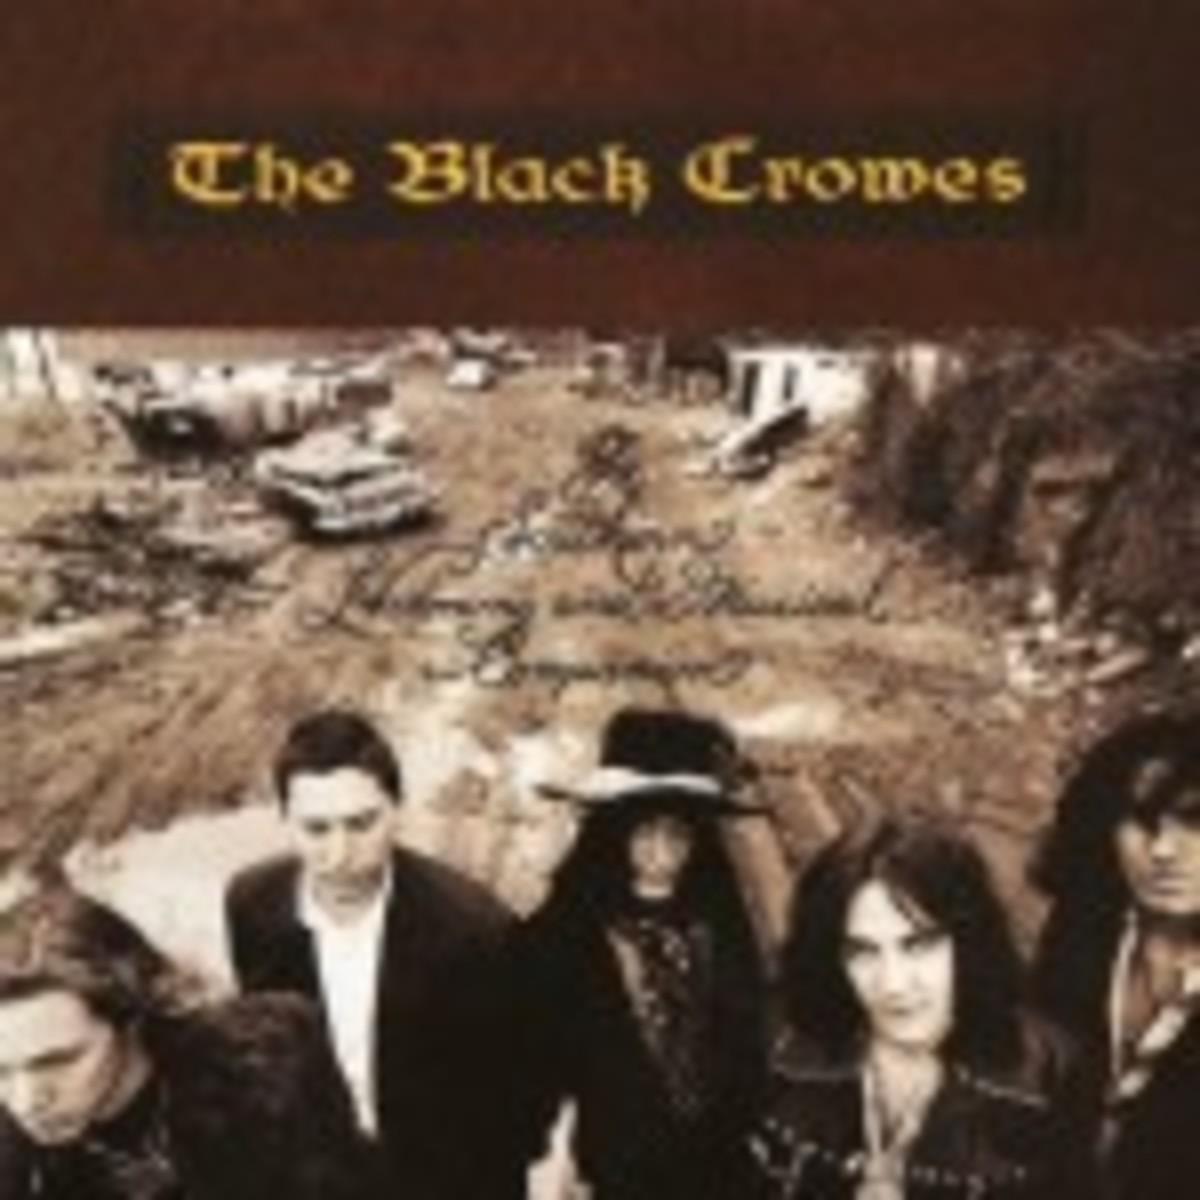 black-crowes-vinyl